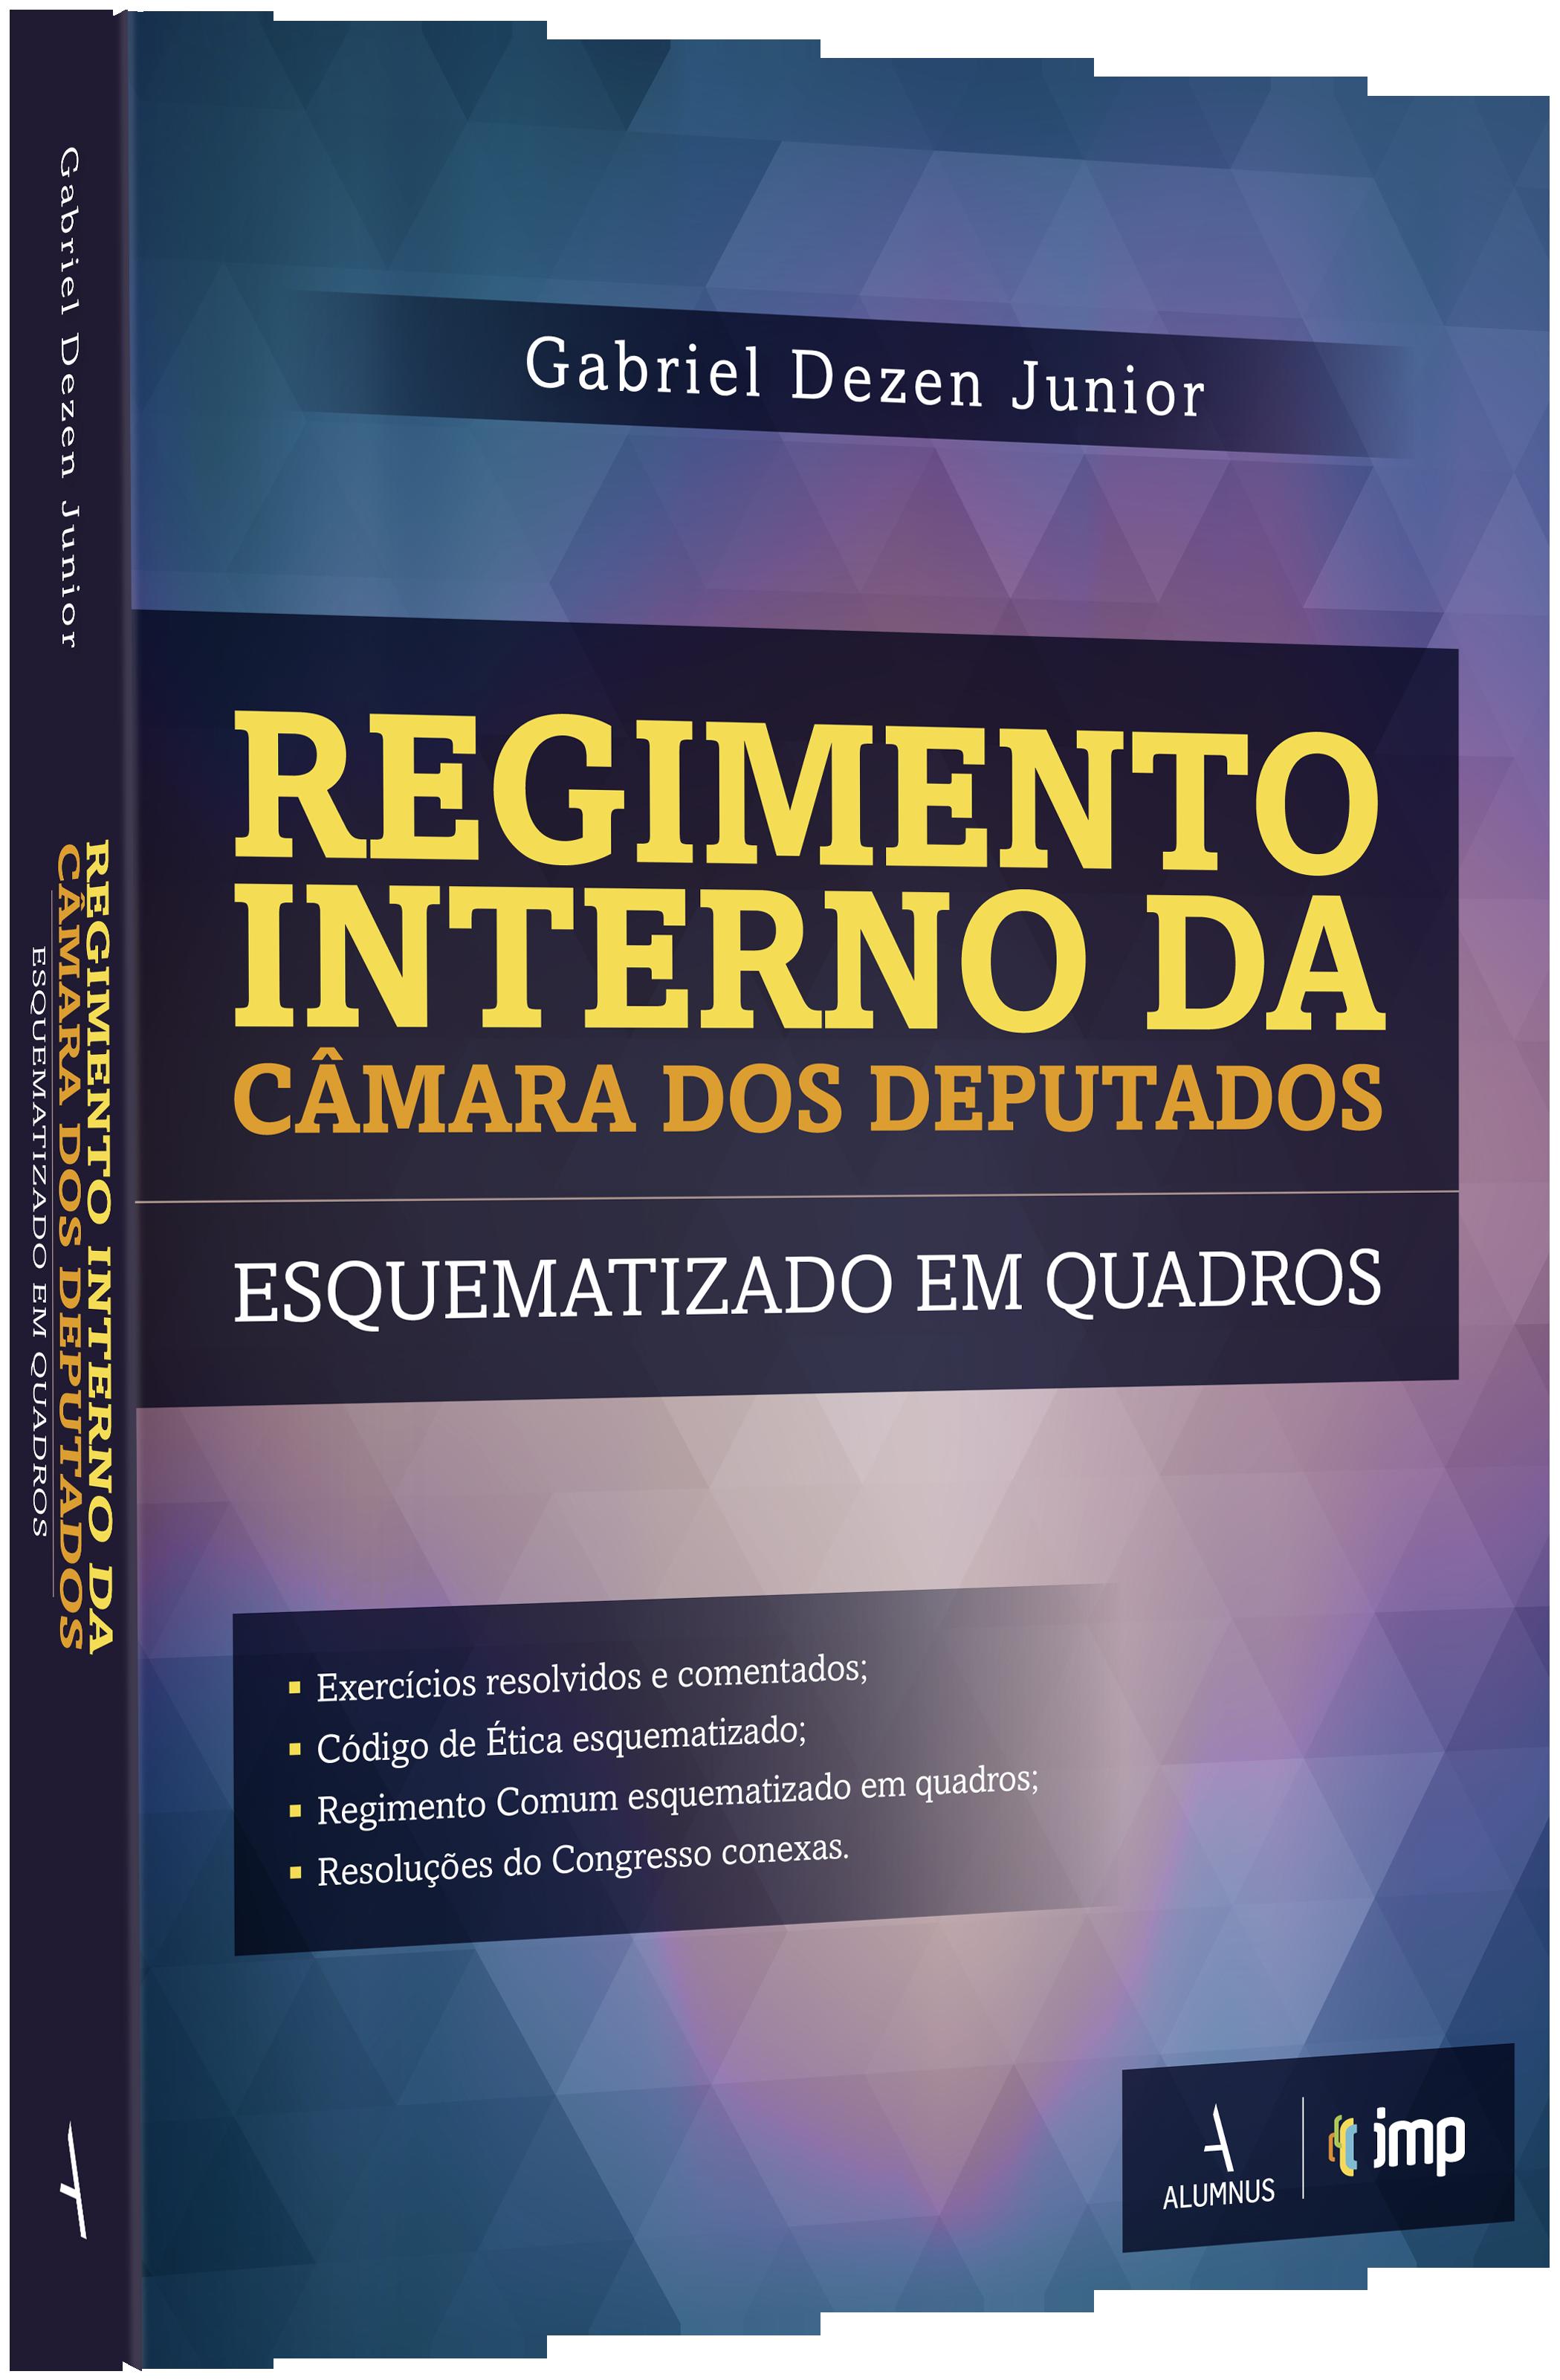 Regimento Interno do Senado Federal Esquematizado em Quadros 3ª Ed. Gabriel Dezen Junior